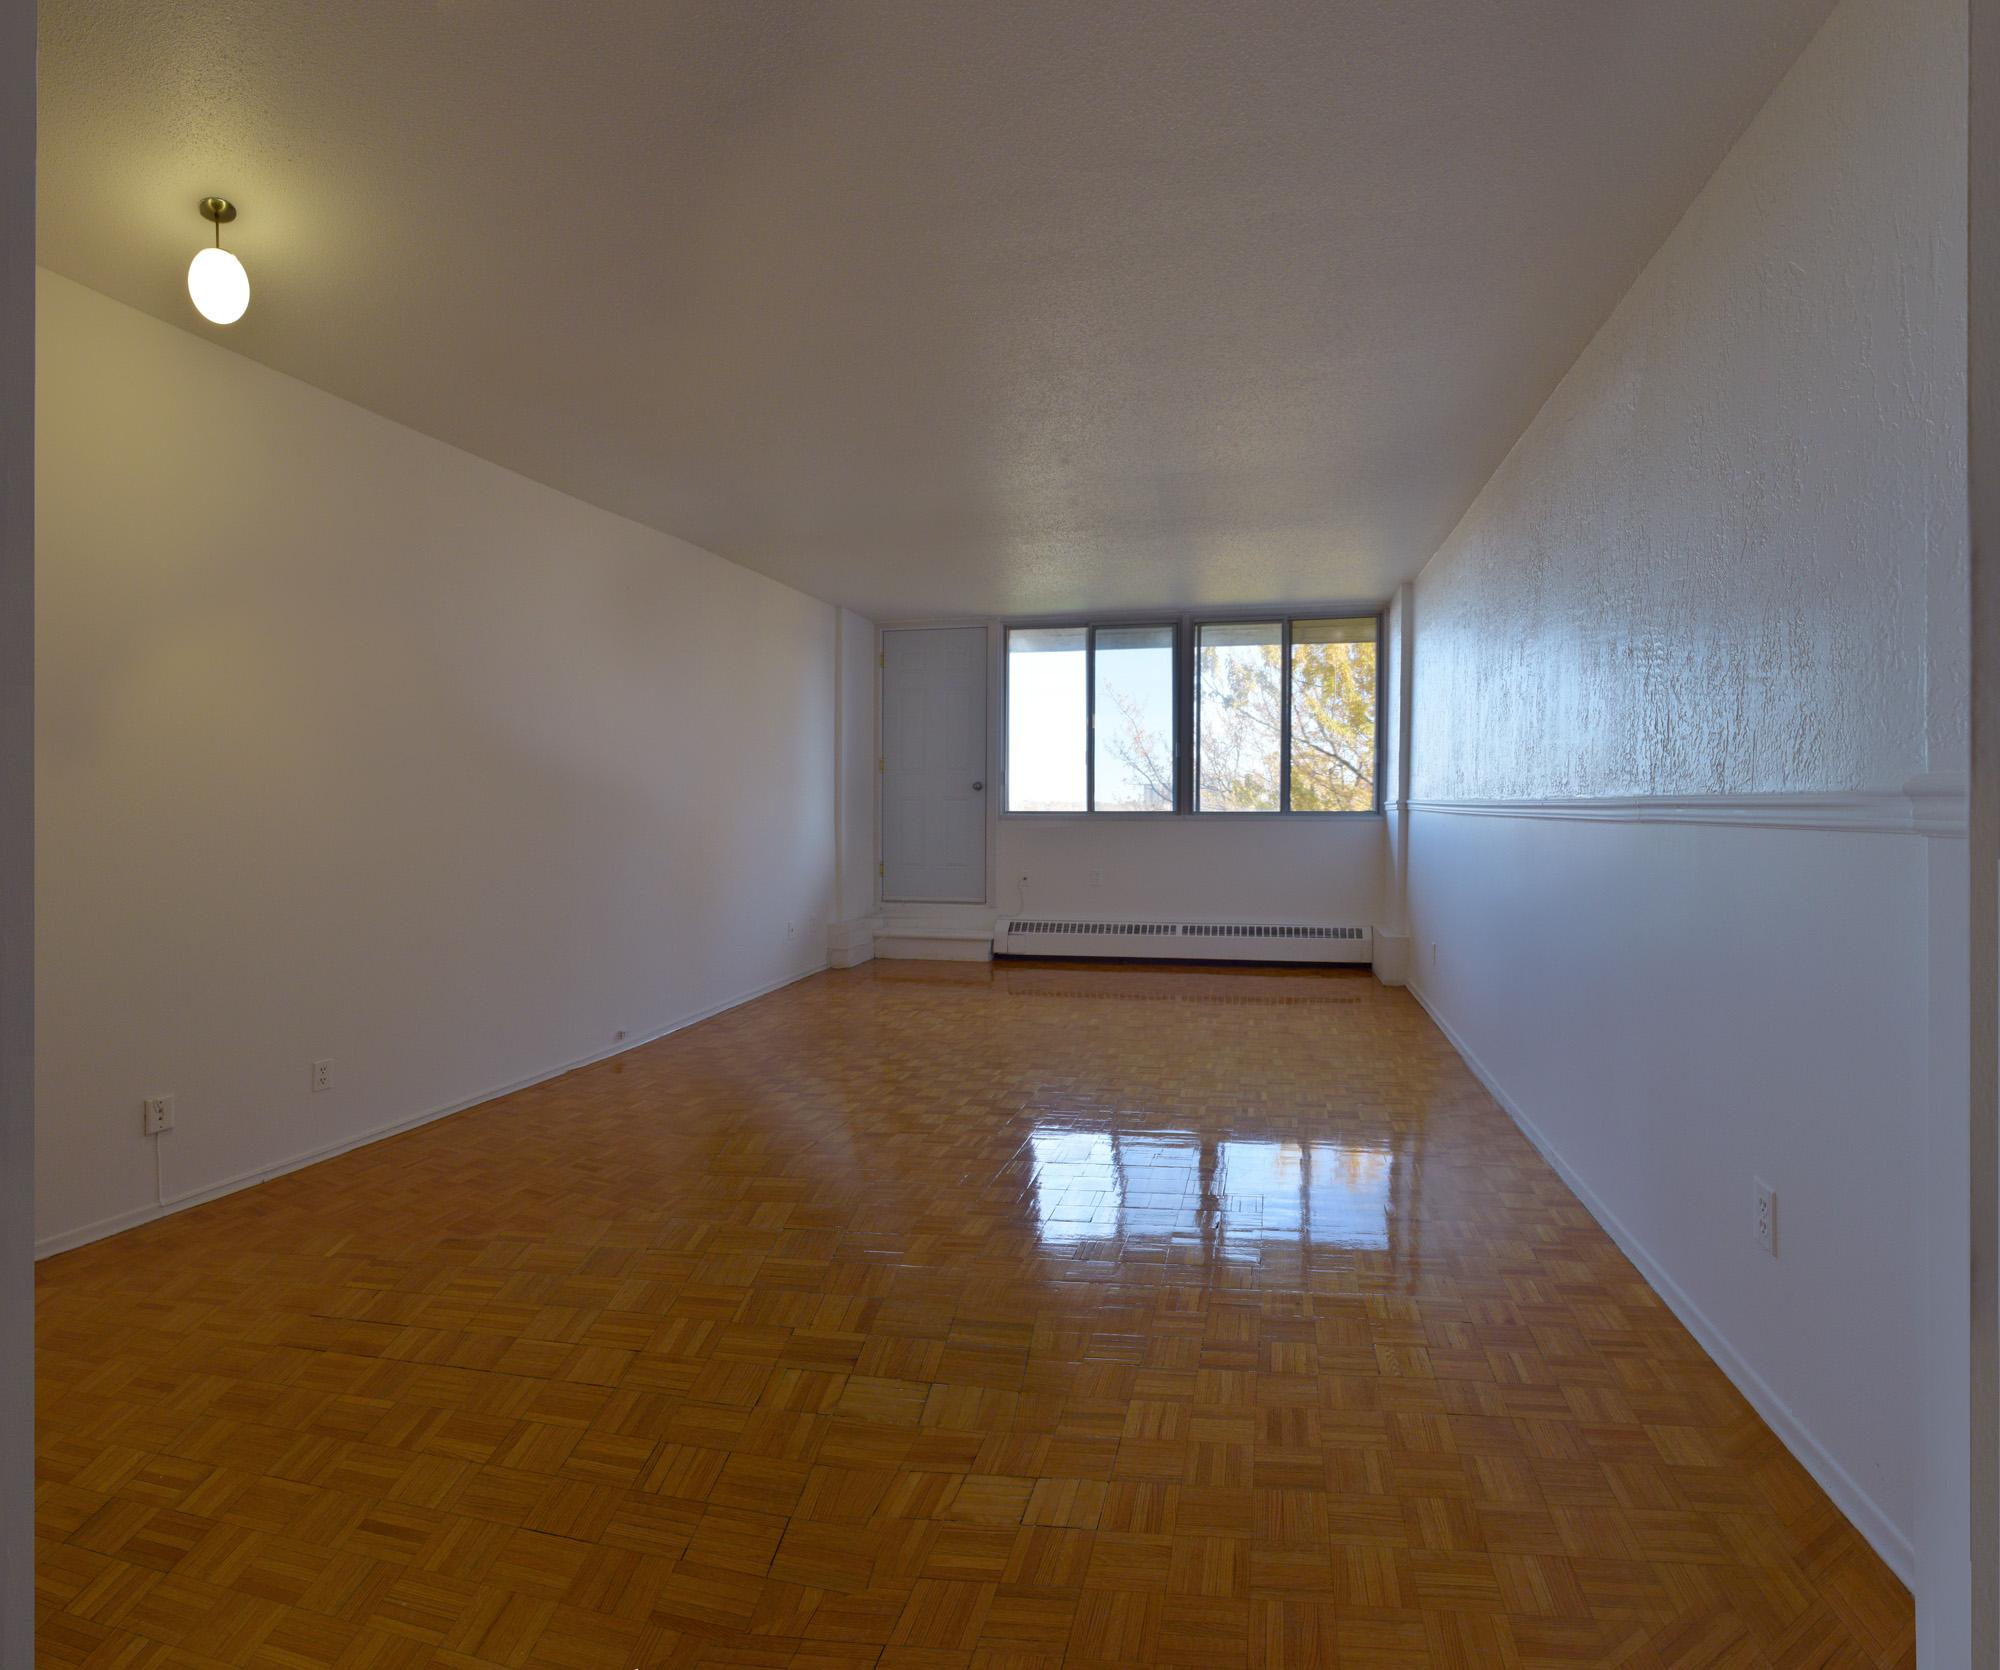 Appartement Studio / Bachelor a louer à Montréal (Centre-Ville) a St Urbain - Photo 11 - TrouveUnAppart – L1058